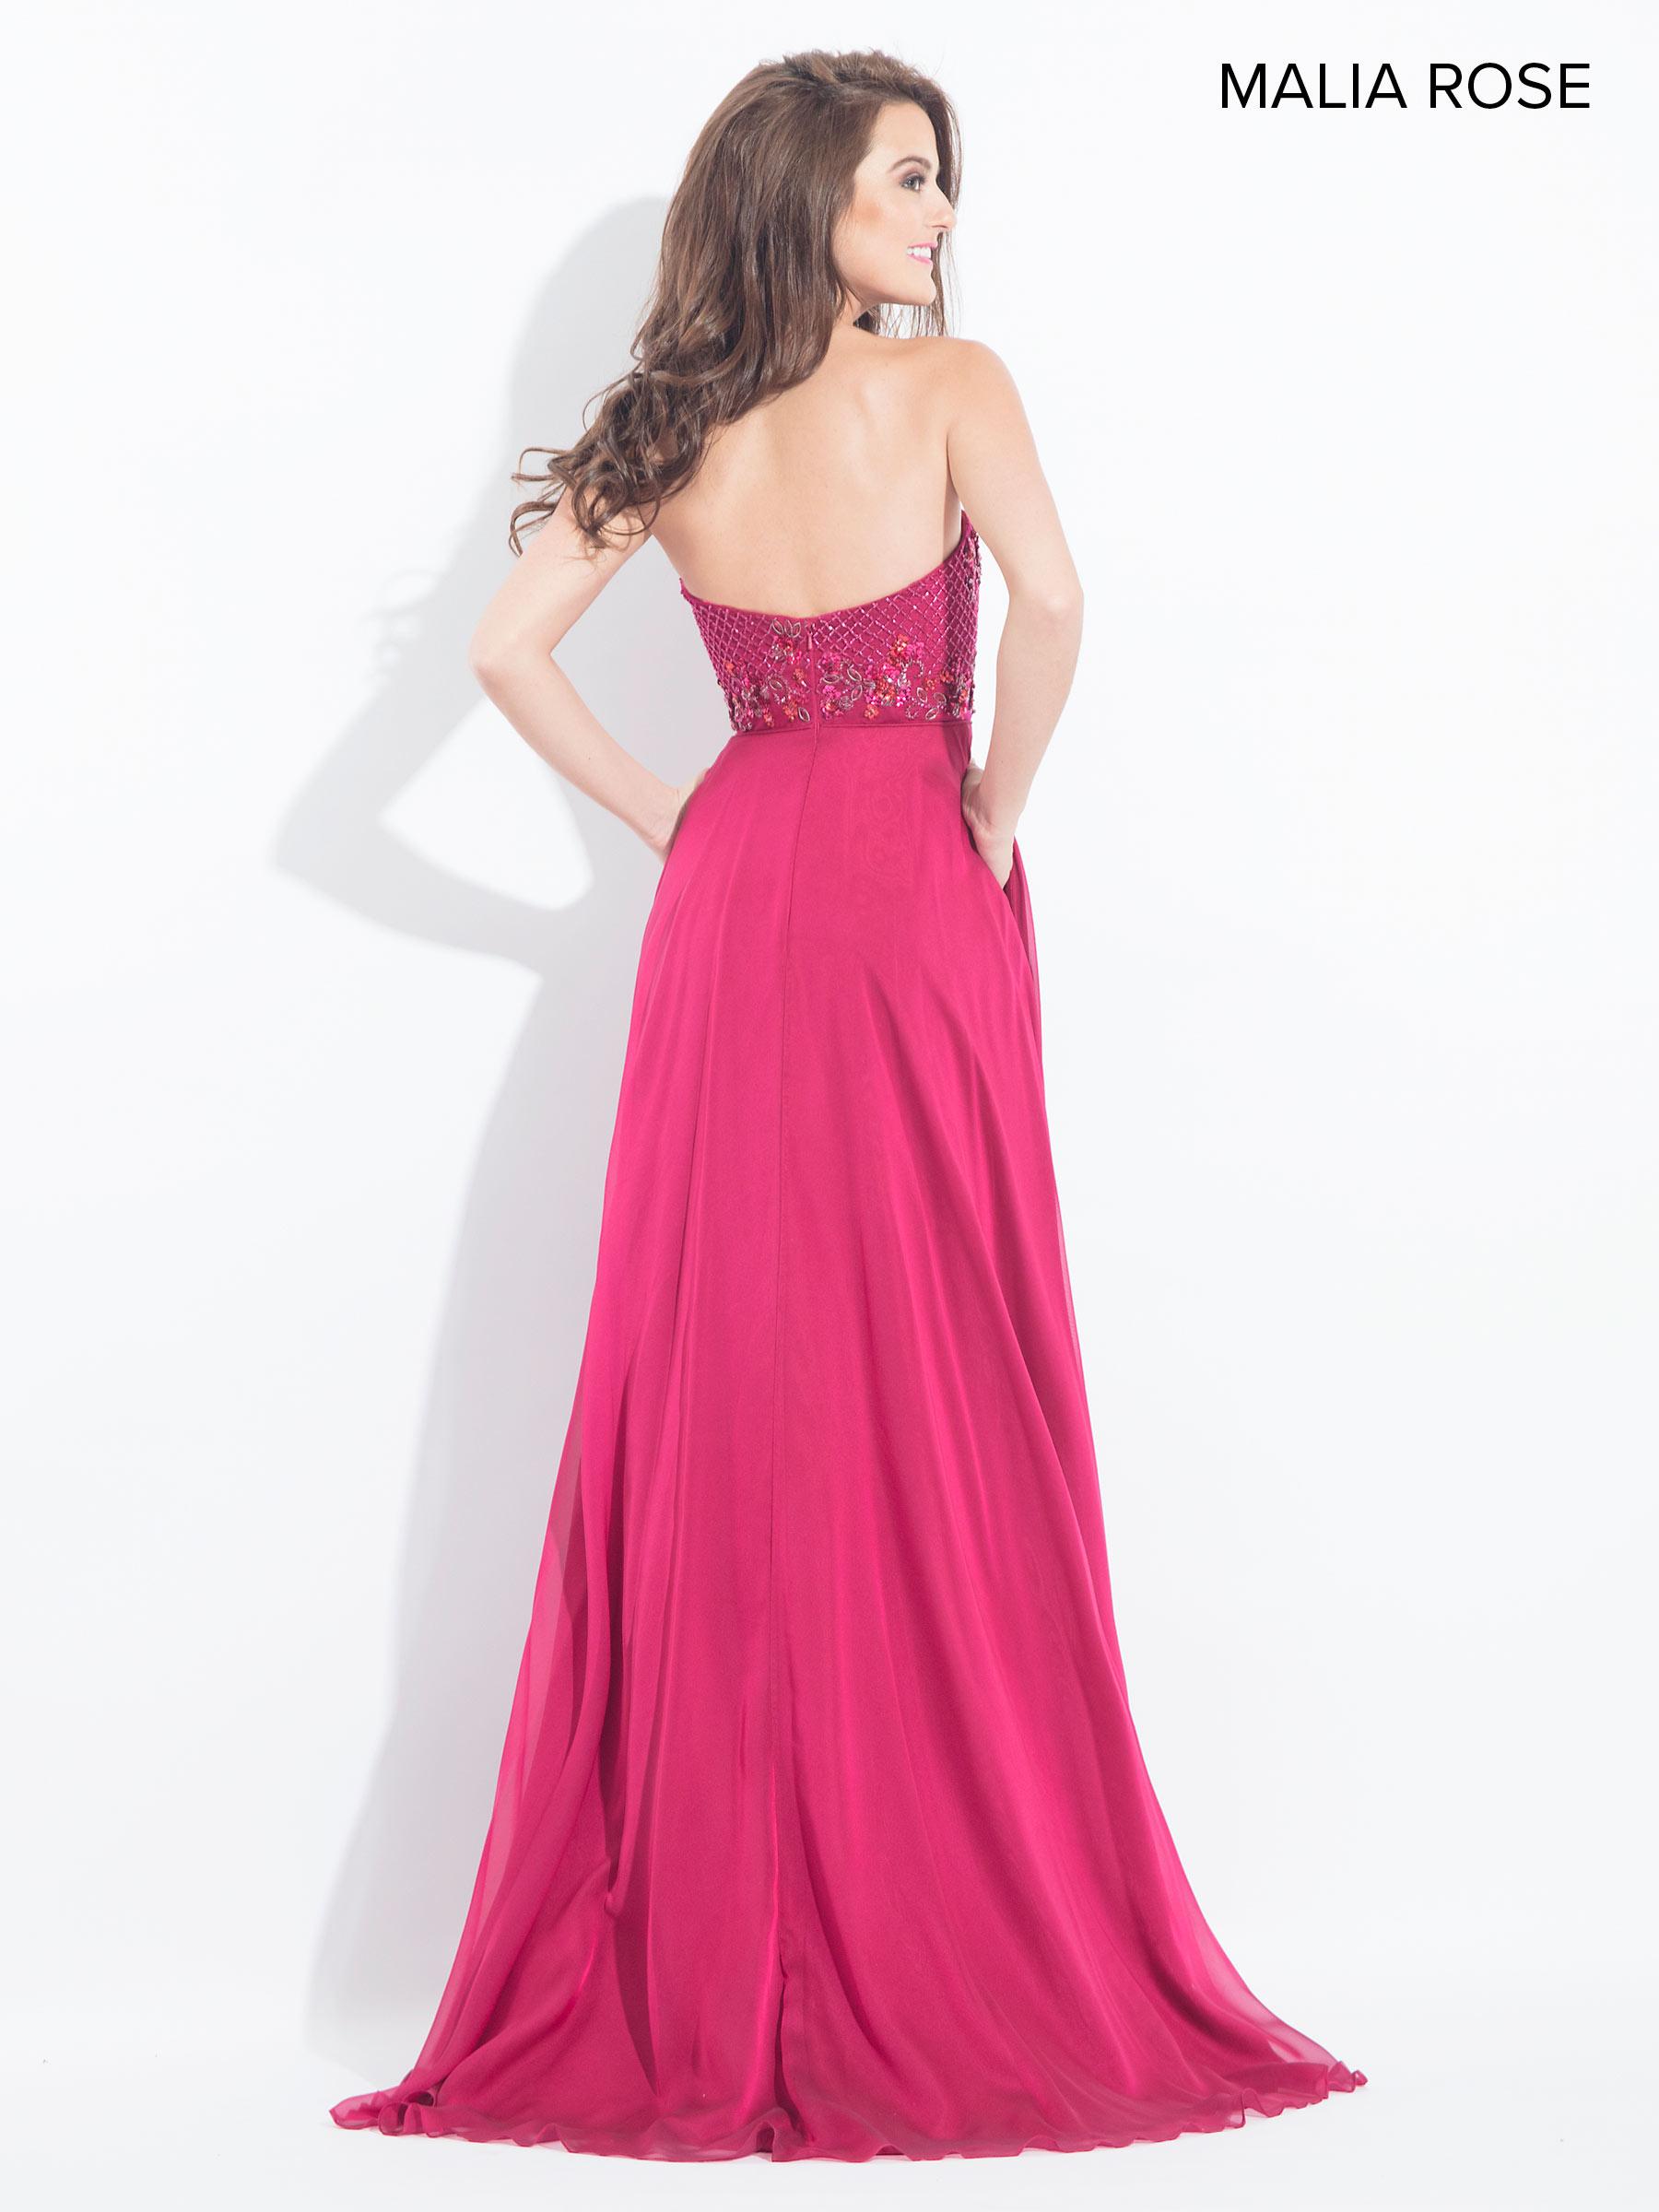 Malia Rose Prom Dresses | Malia Rose | Style - MP1022